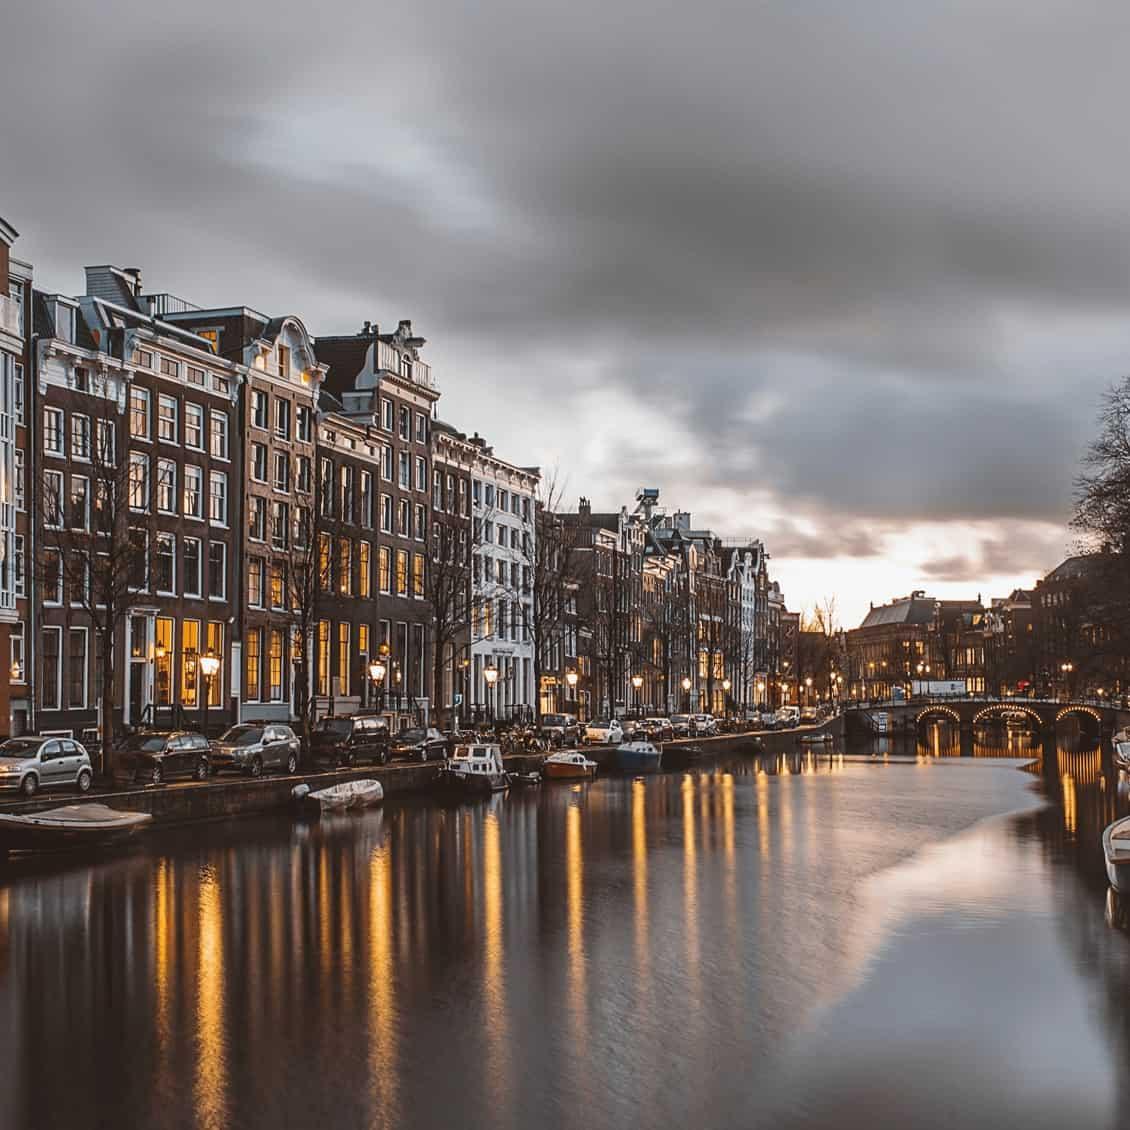 Belastingadviseur Amsterdam - Tax advisor Amsterdam